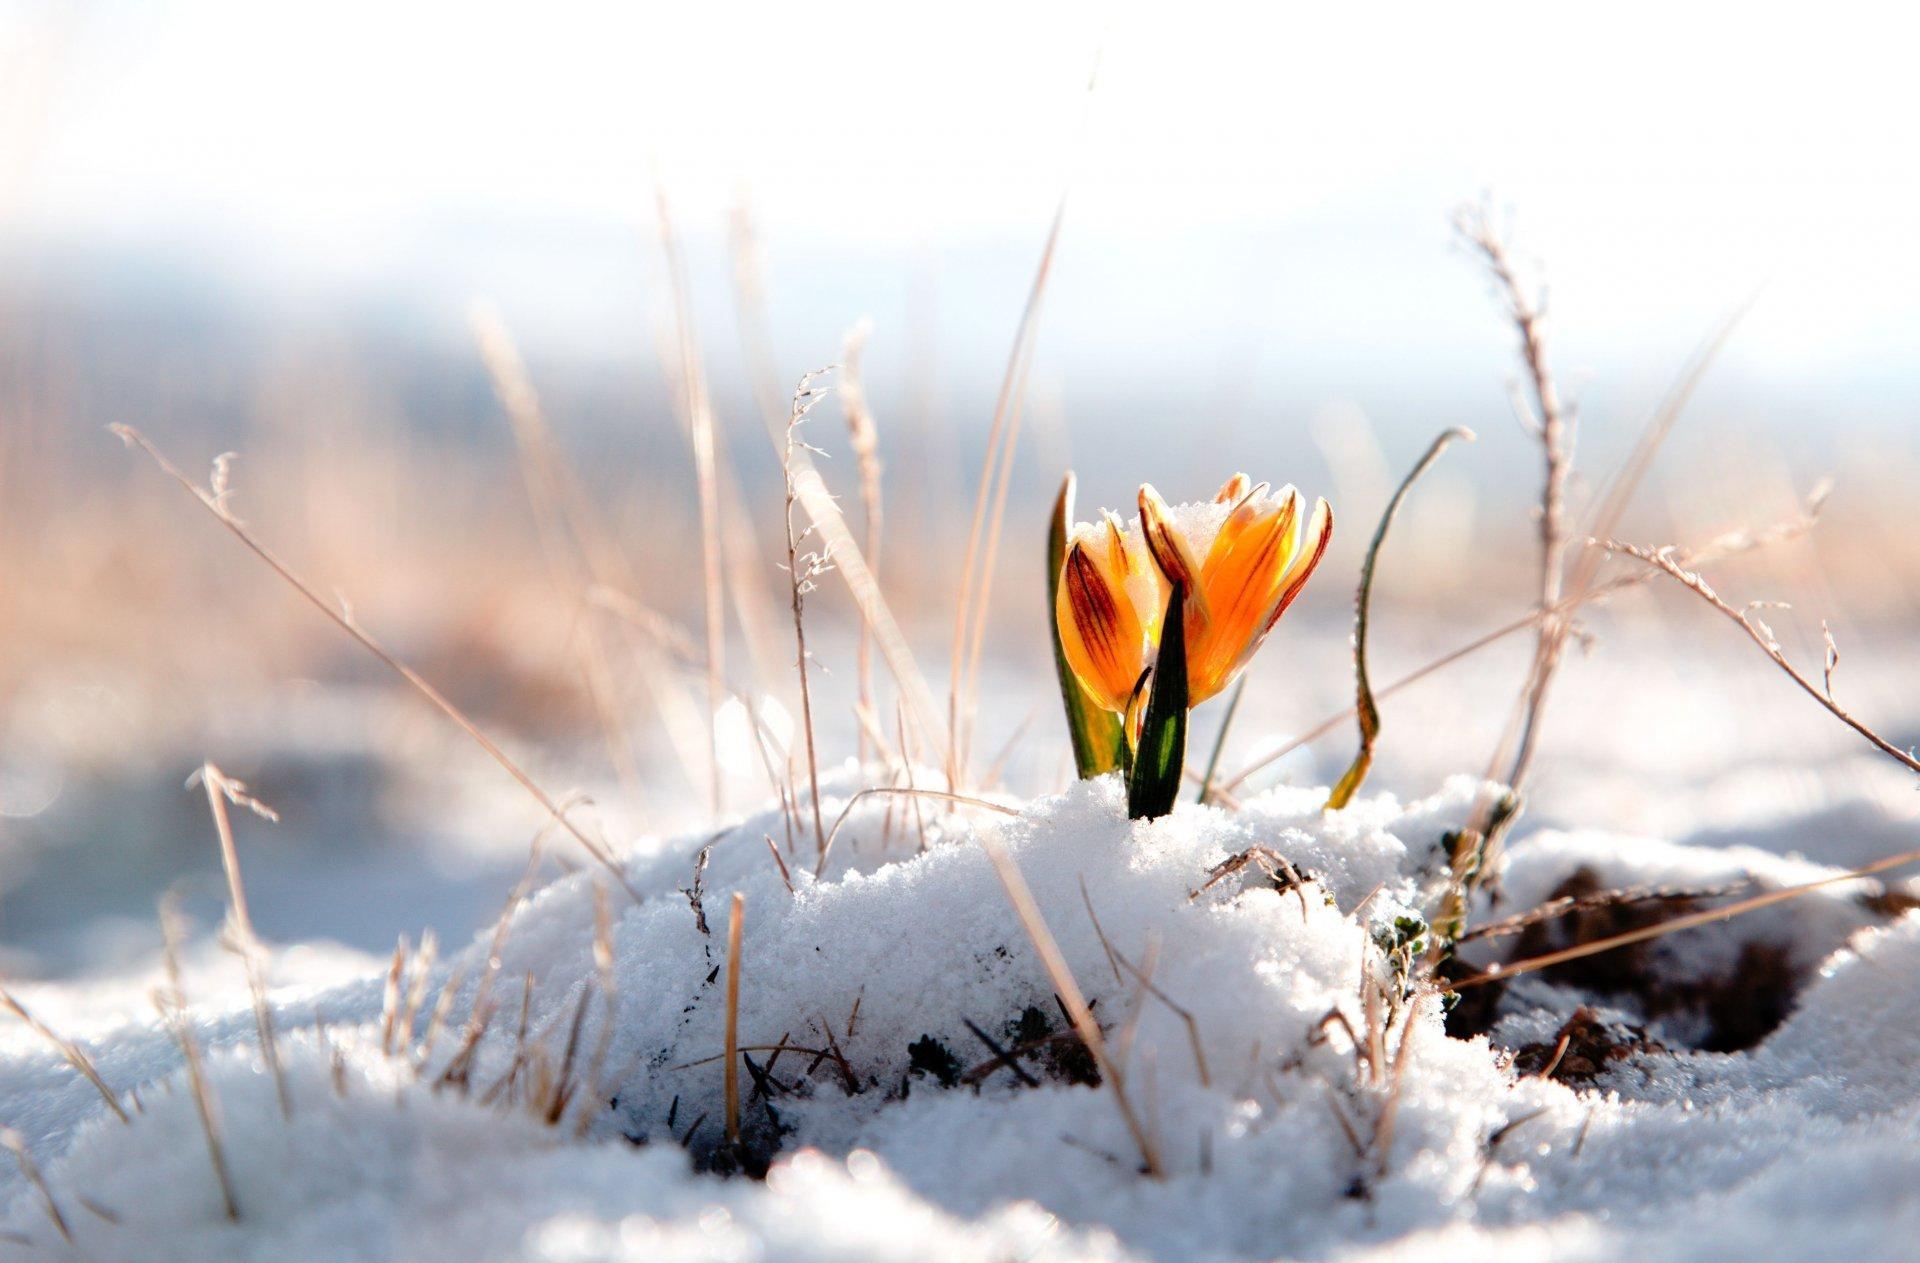 Очень красивые картинки весны - смотреть или скачать бесплатно 18